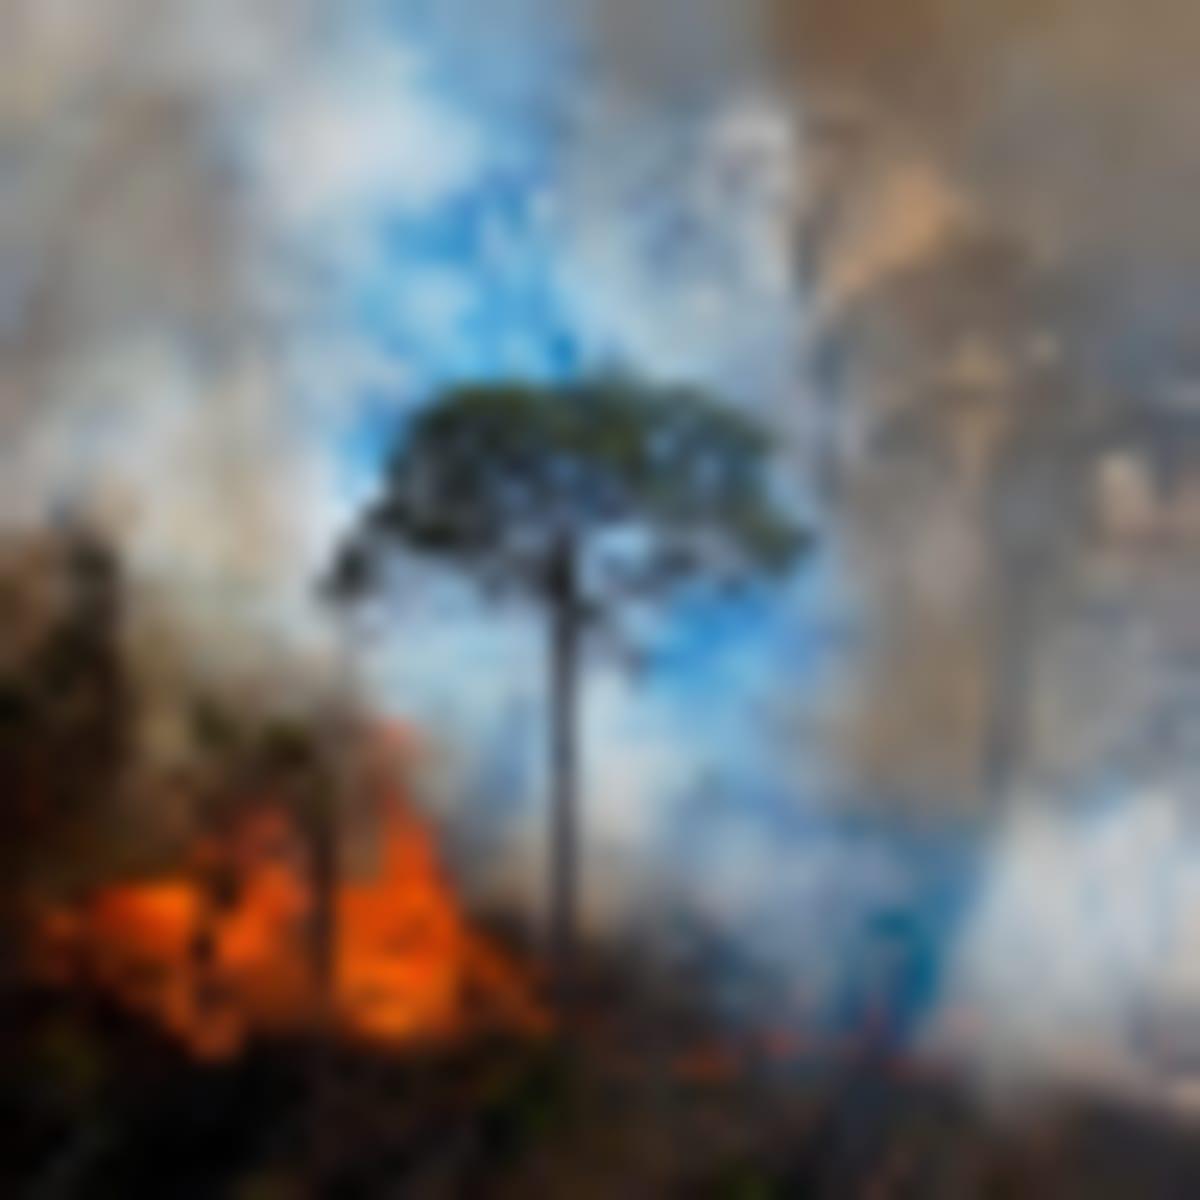 Folyamatban az ökoszisztéma pusztításának bűncselekménnyé nyilvánítása